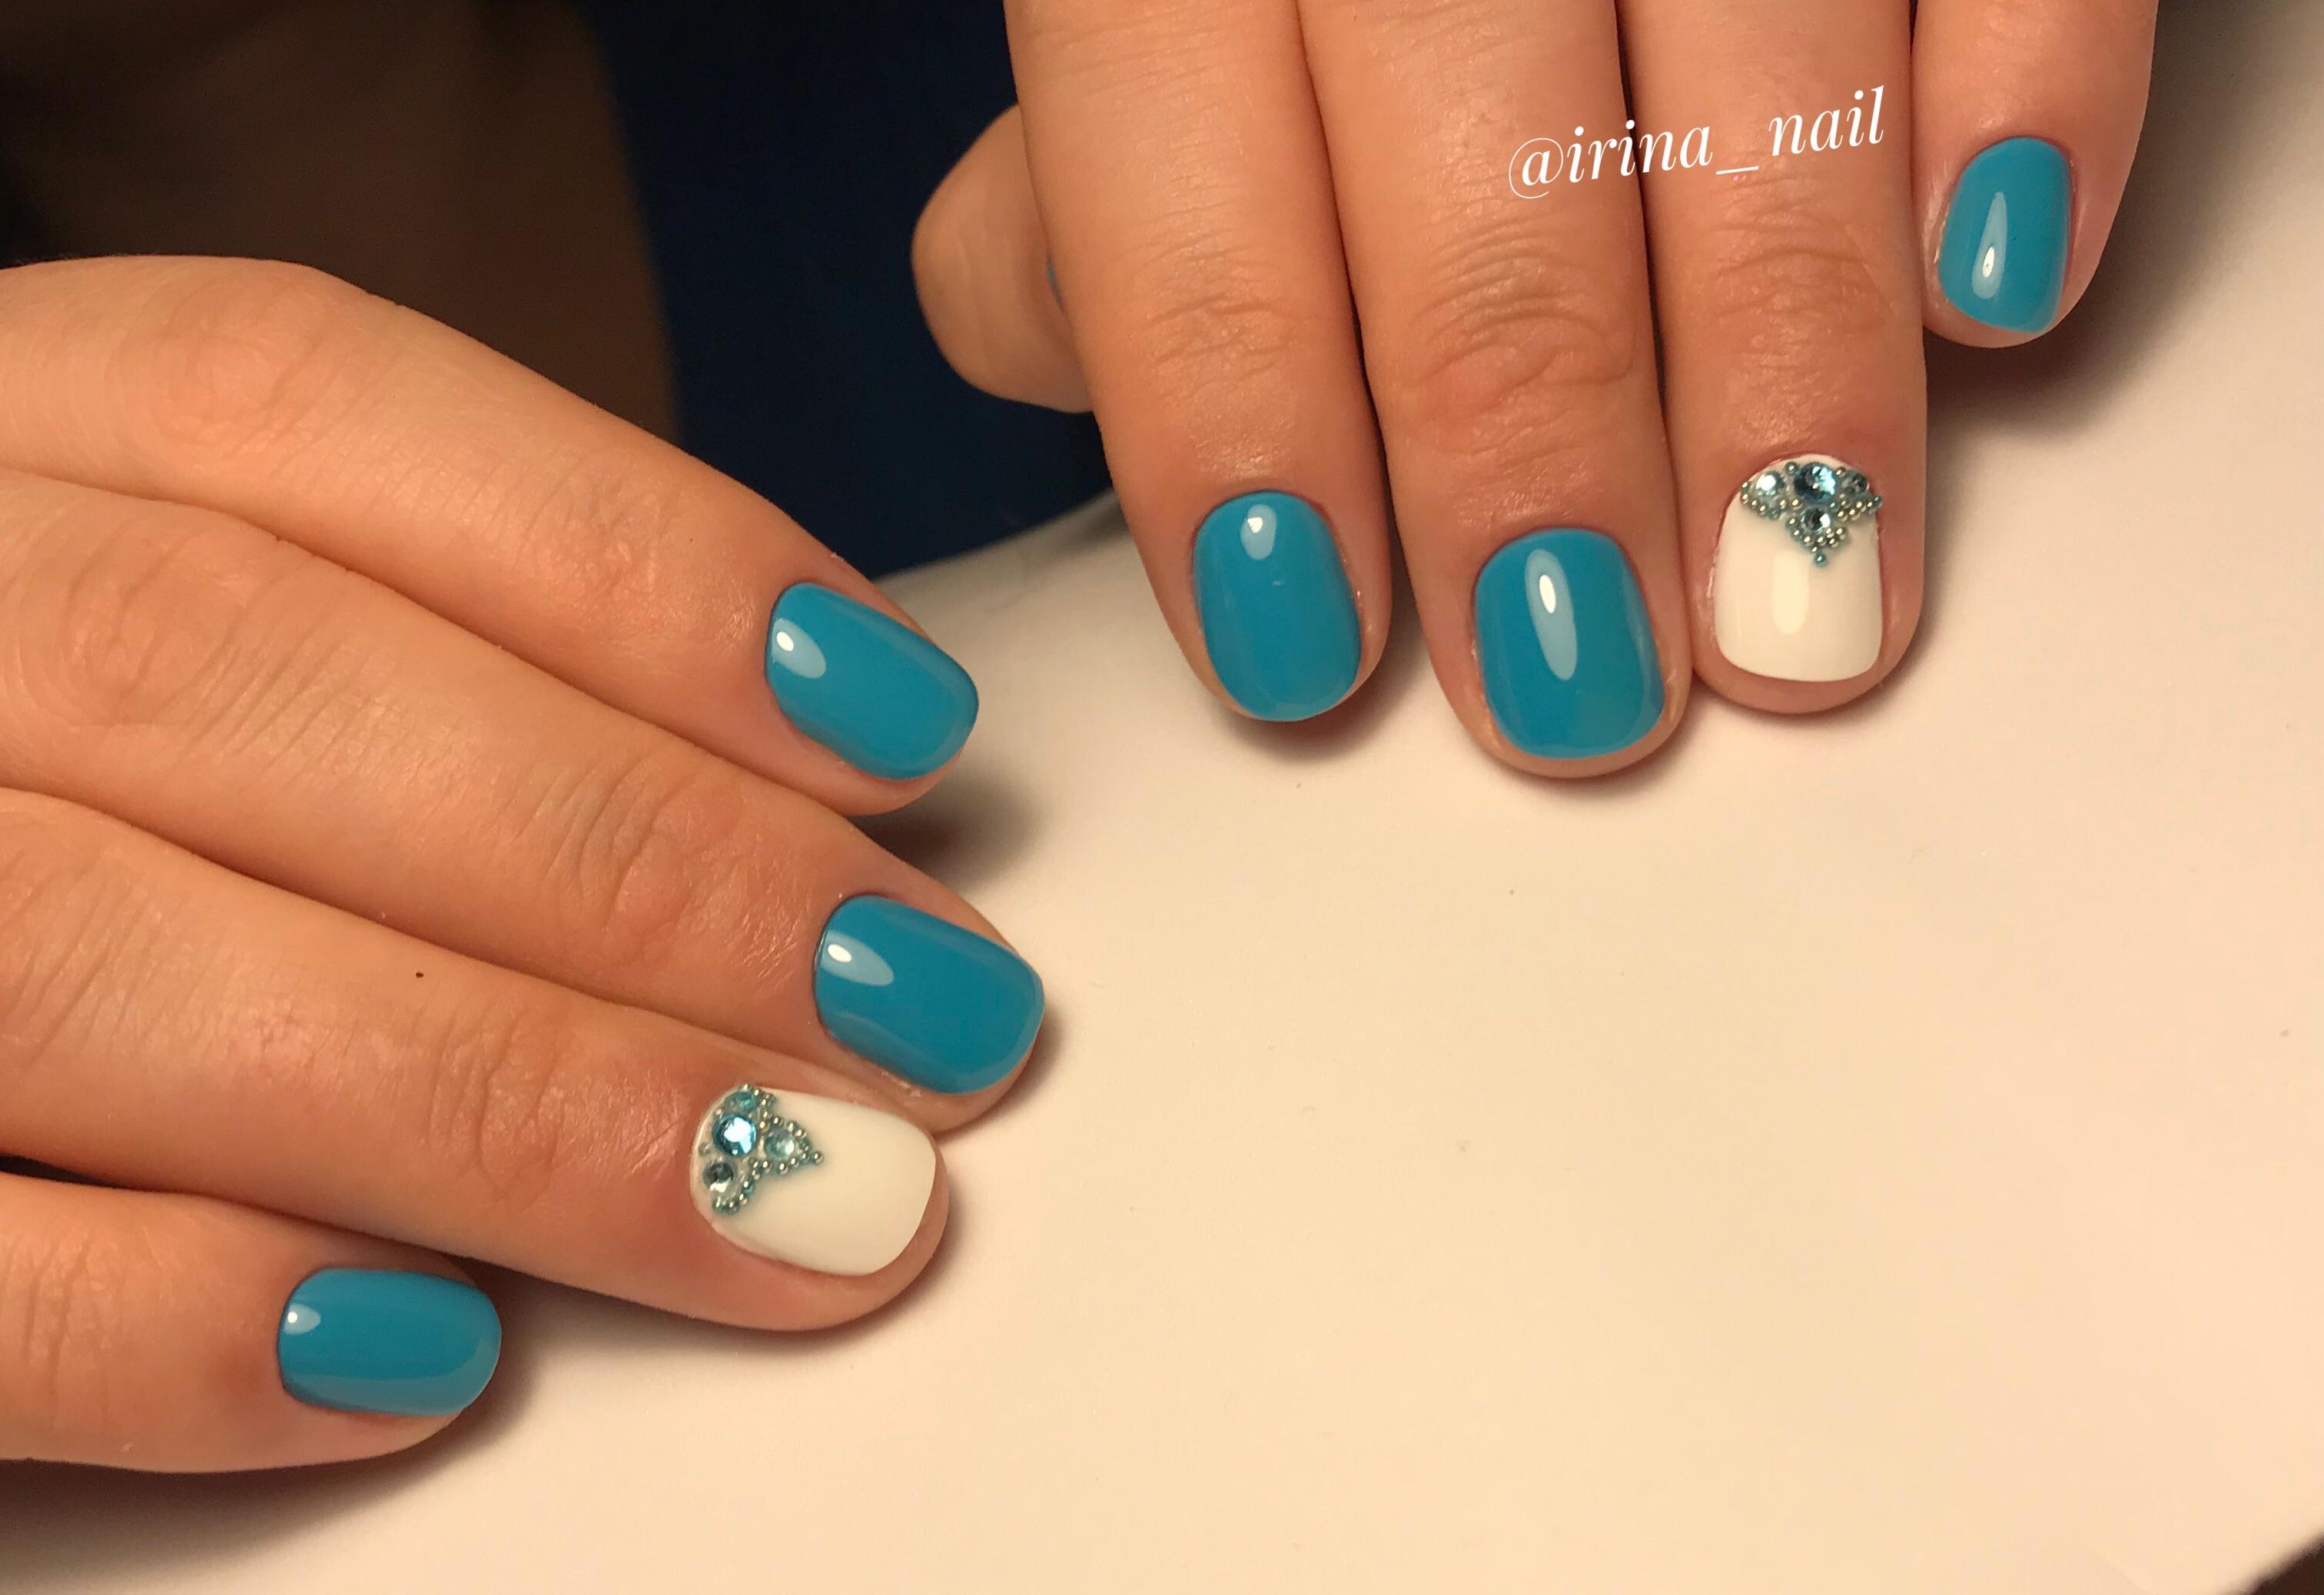 Маникюр со стразами в голубом цвете.